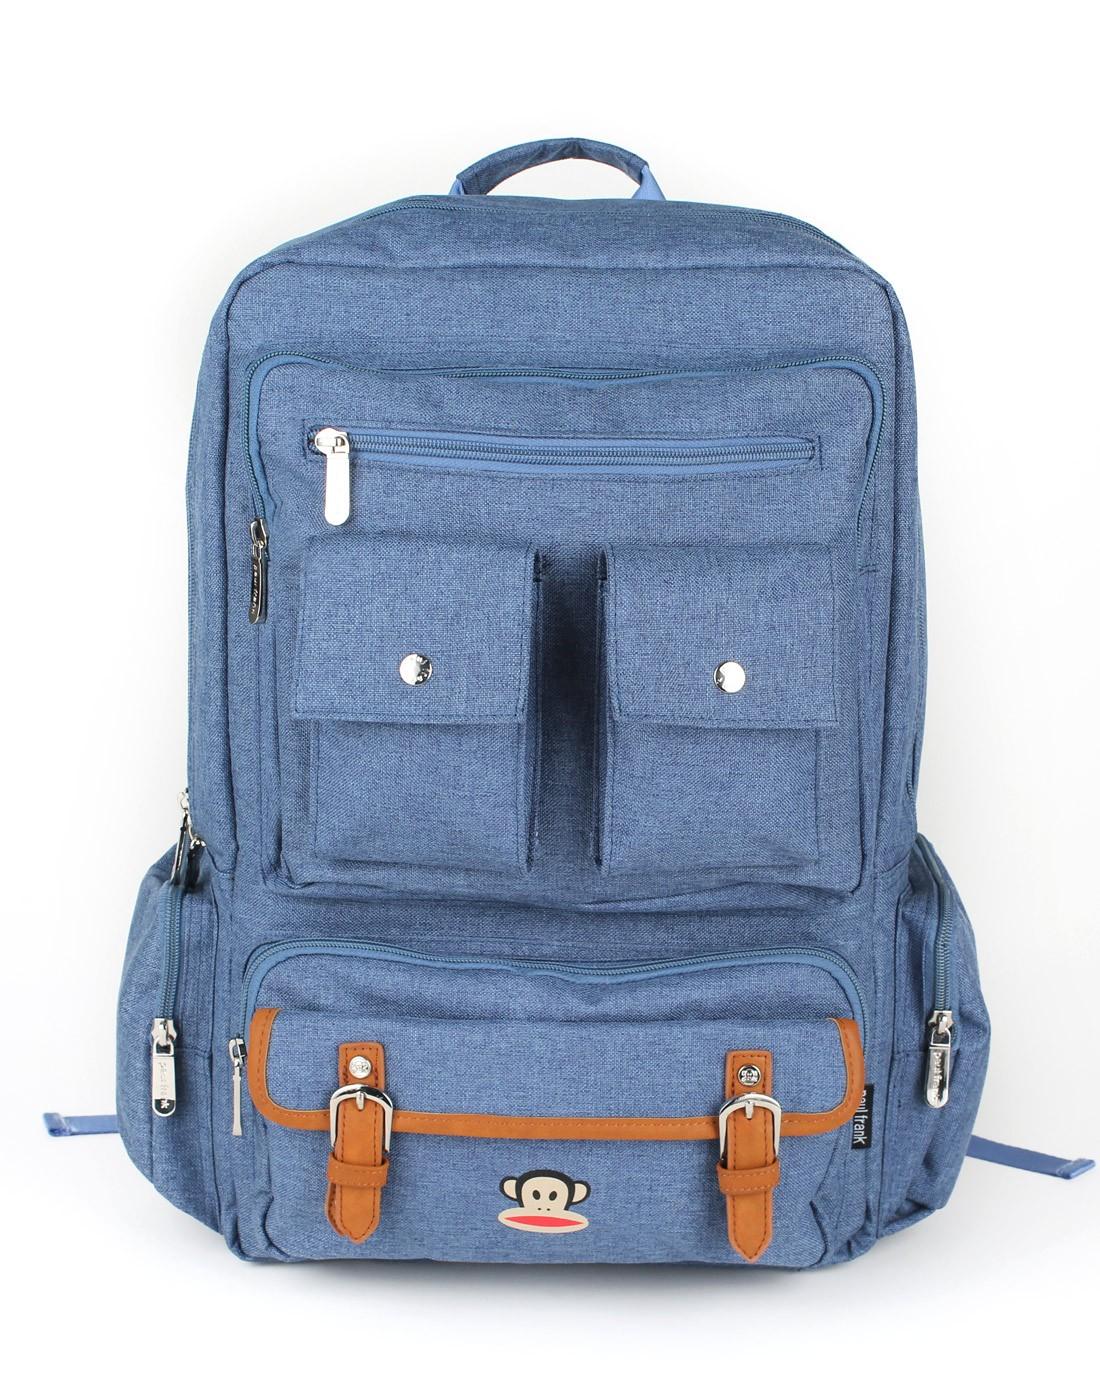 上青大容量双肩背书包男女士手提数码包包学生潮包图片